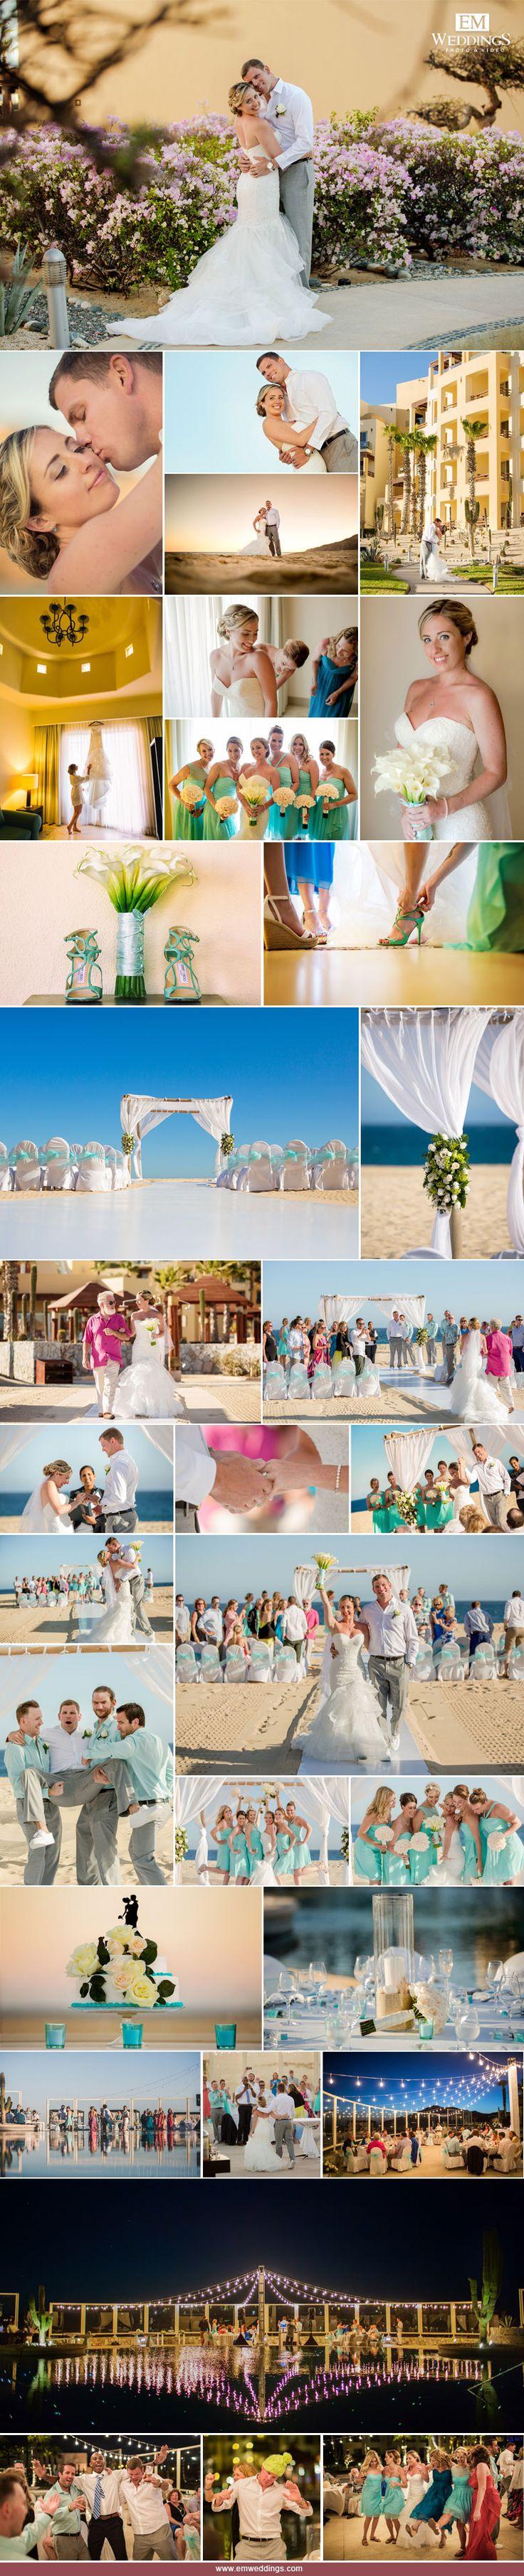 Wedding at Hotel Pueblo Bonito Pacifica, Los Cabos, México - Los Cabos Wedding Photographer. #emweddingsphotography #destinationweddings